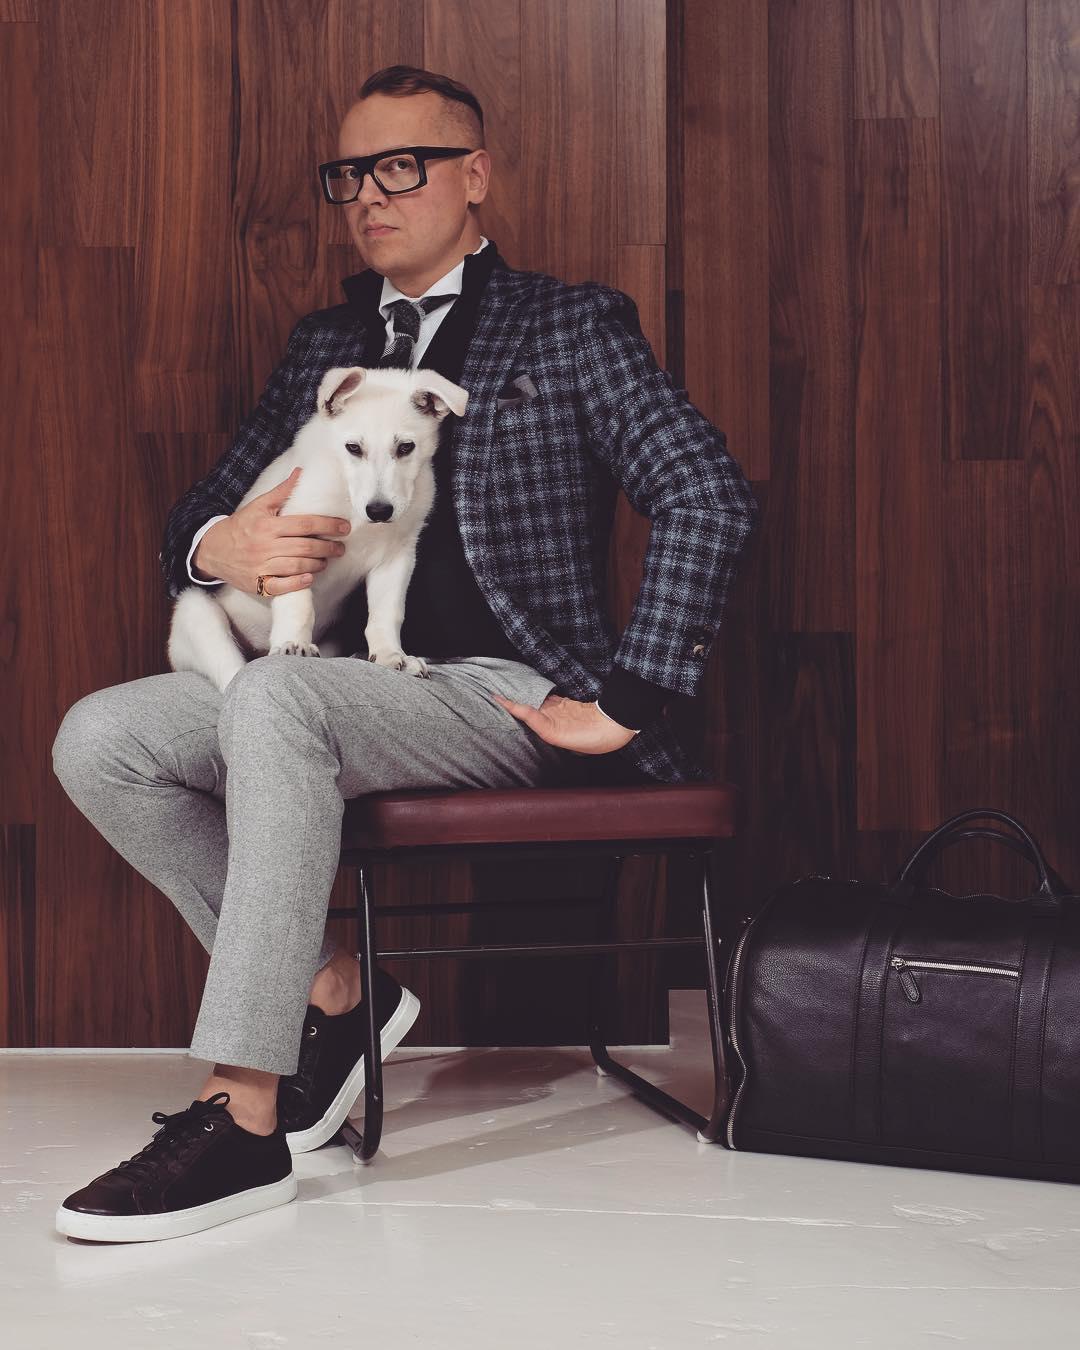 White Shepherd Puppy BTWW Zlatan got into Celebrity News 50